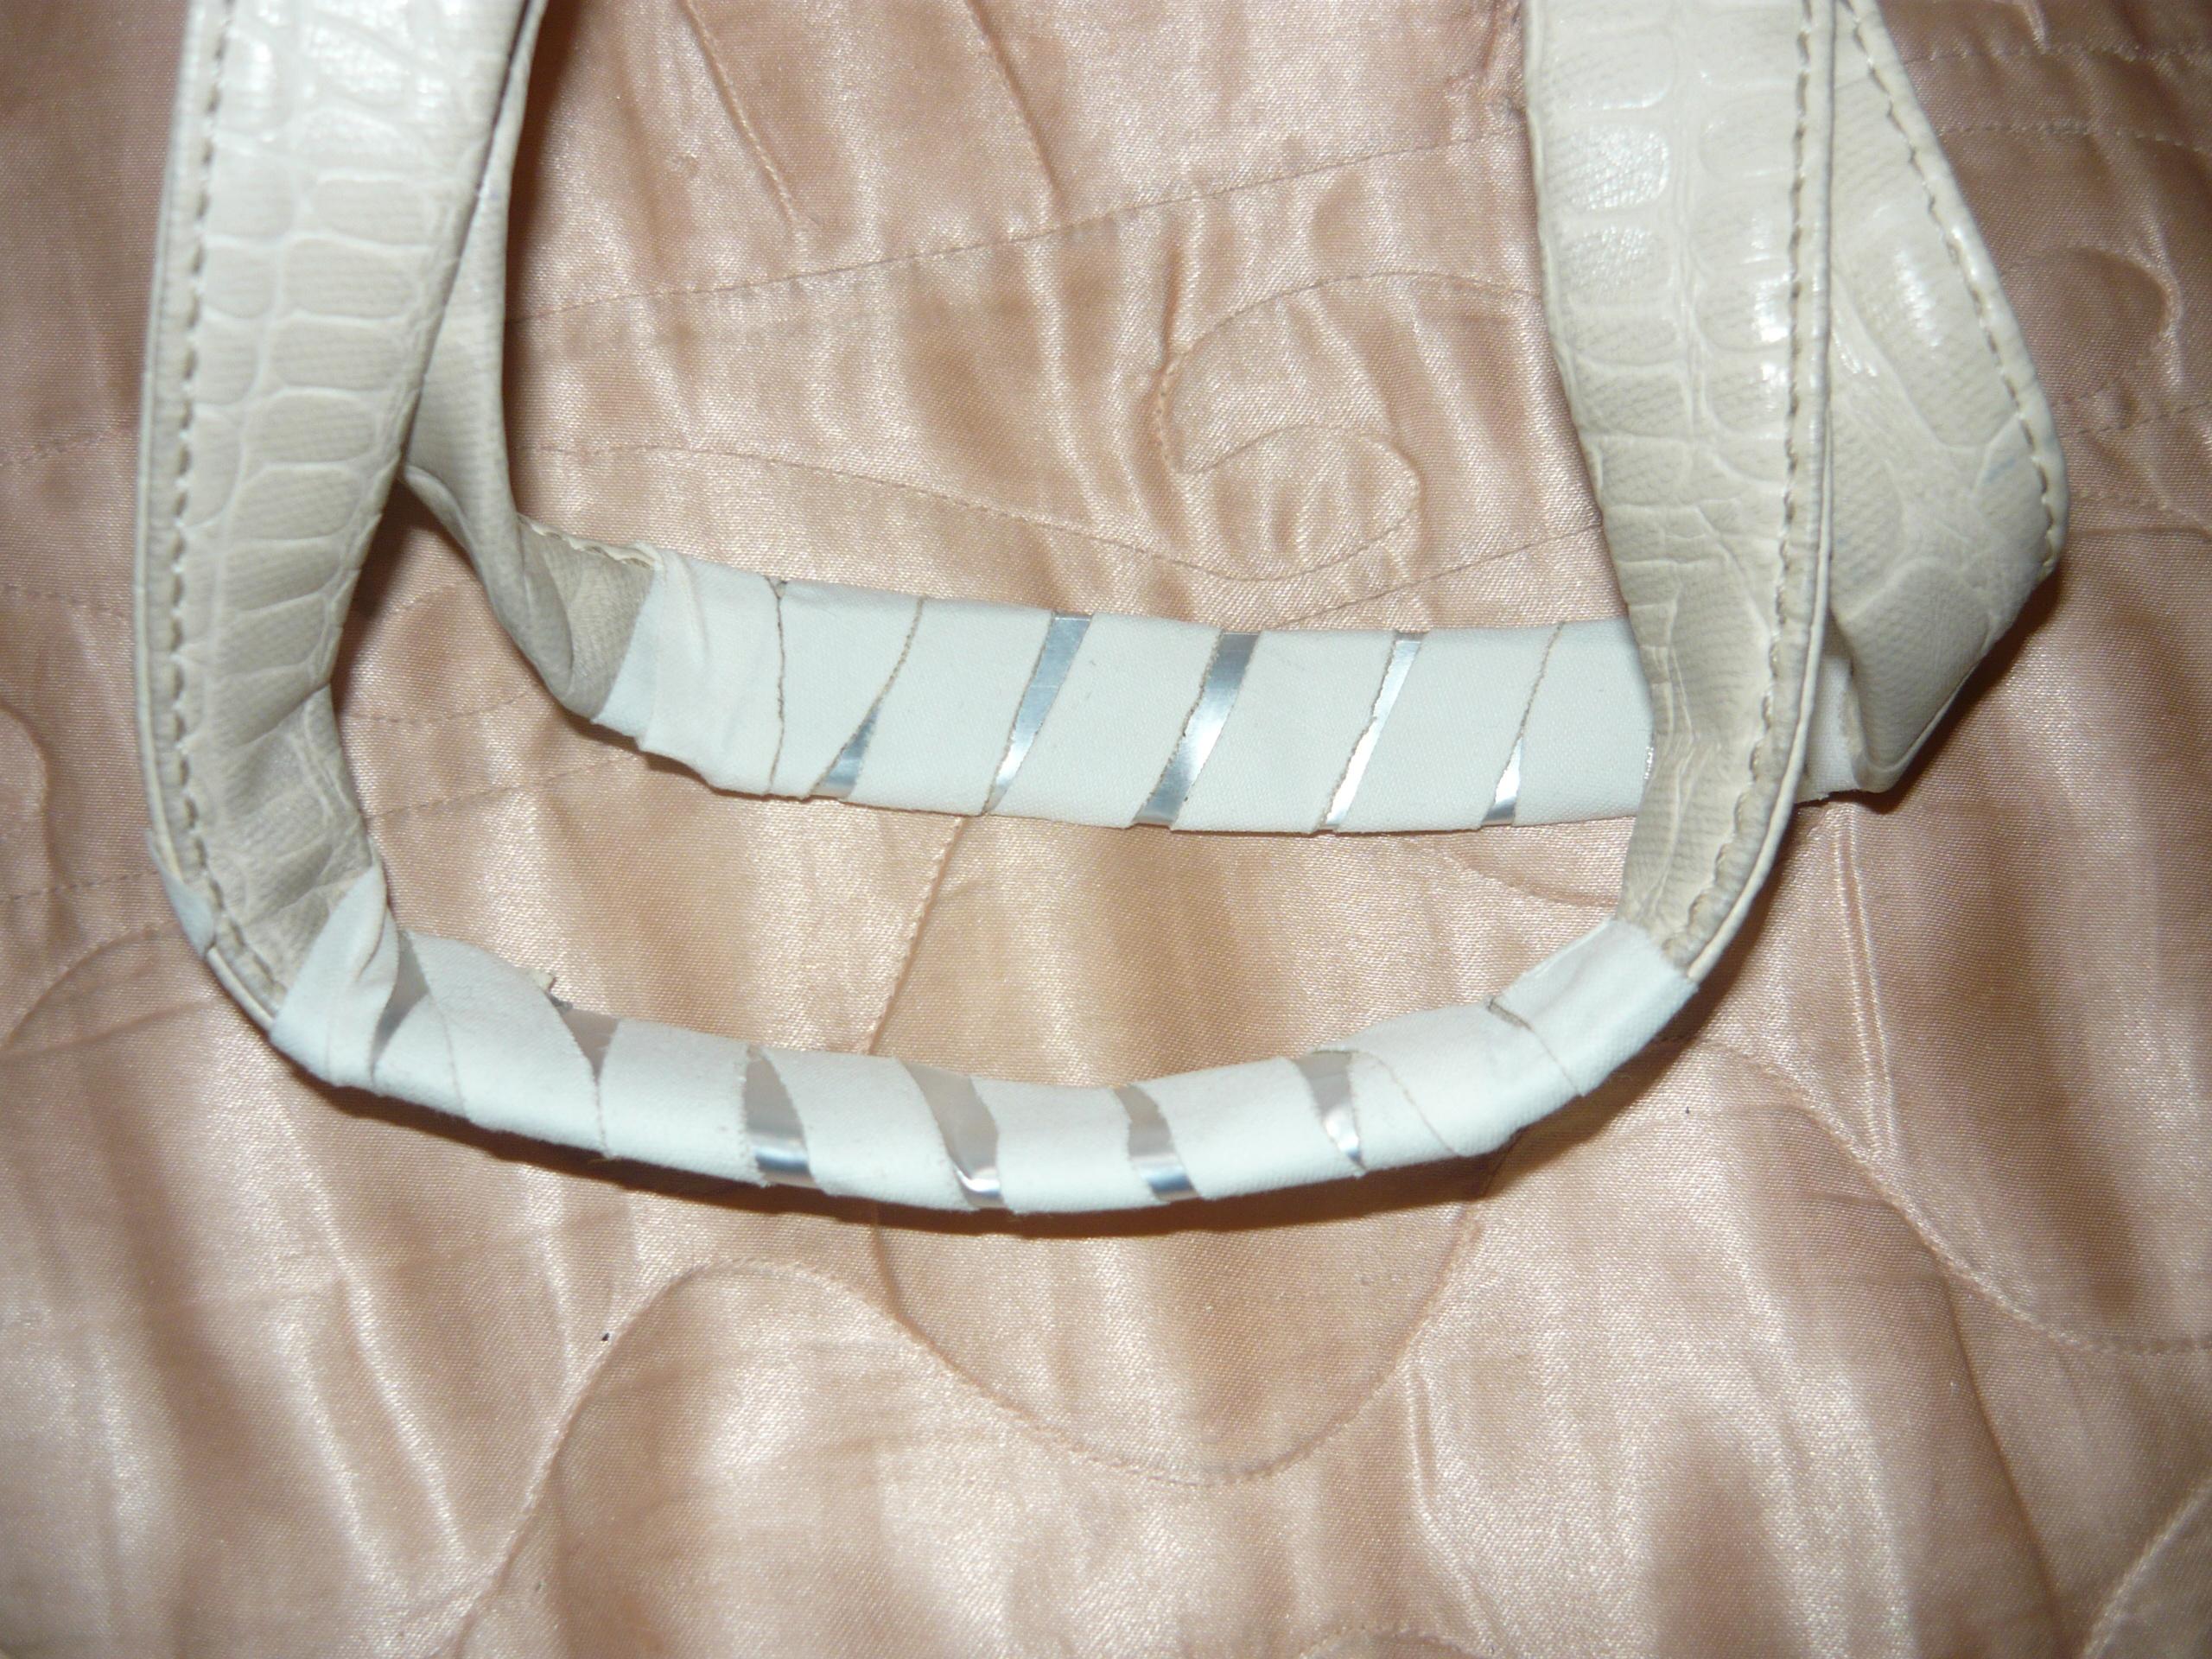 d10c20ad04d7 Как самой отремонтировать ручки сумки | РАЗВОД НА РЕМОНТ